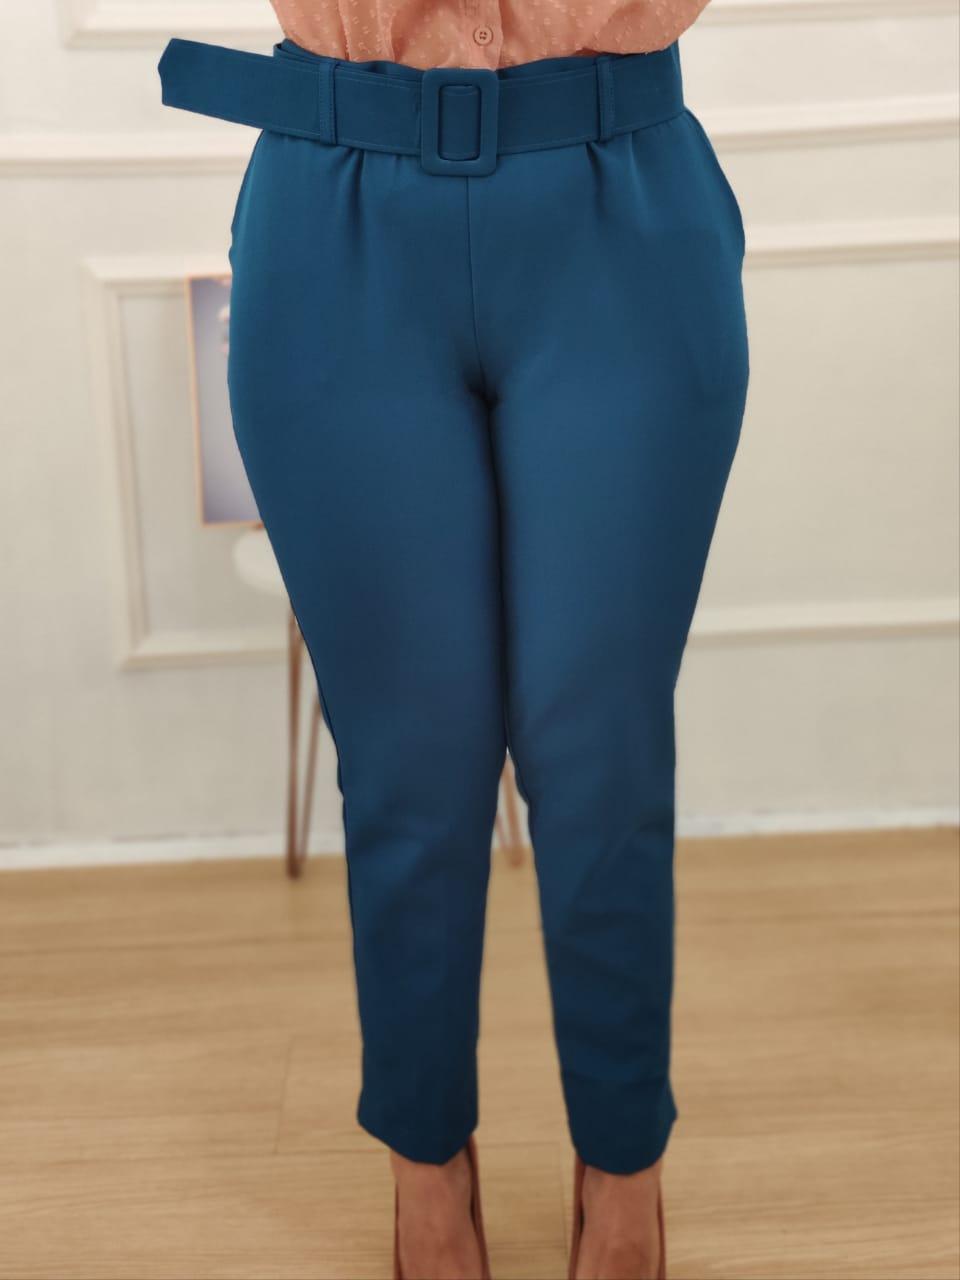 Calça Skinny Cinto Encapado Azul